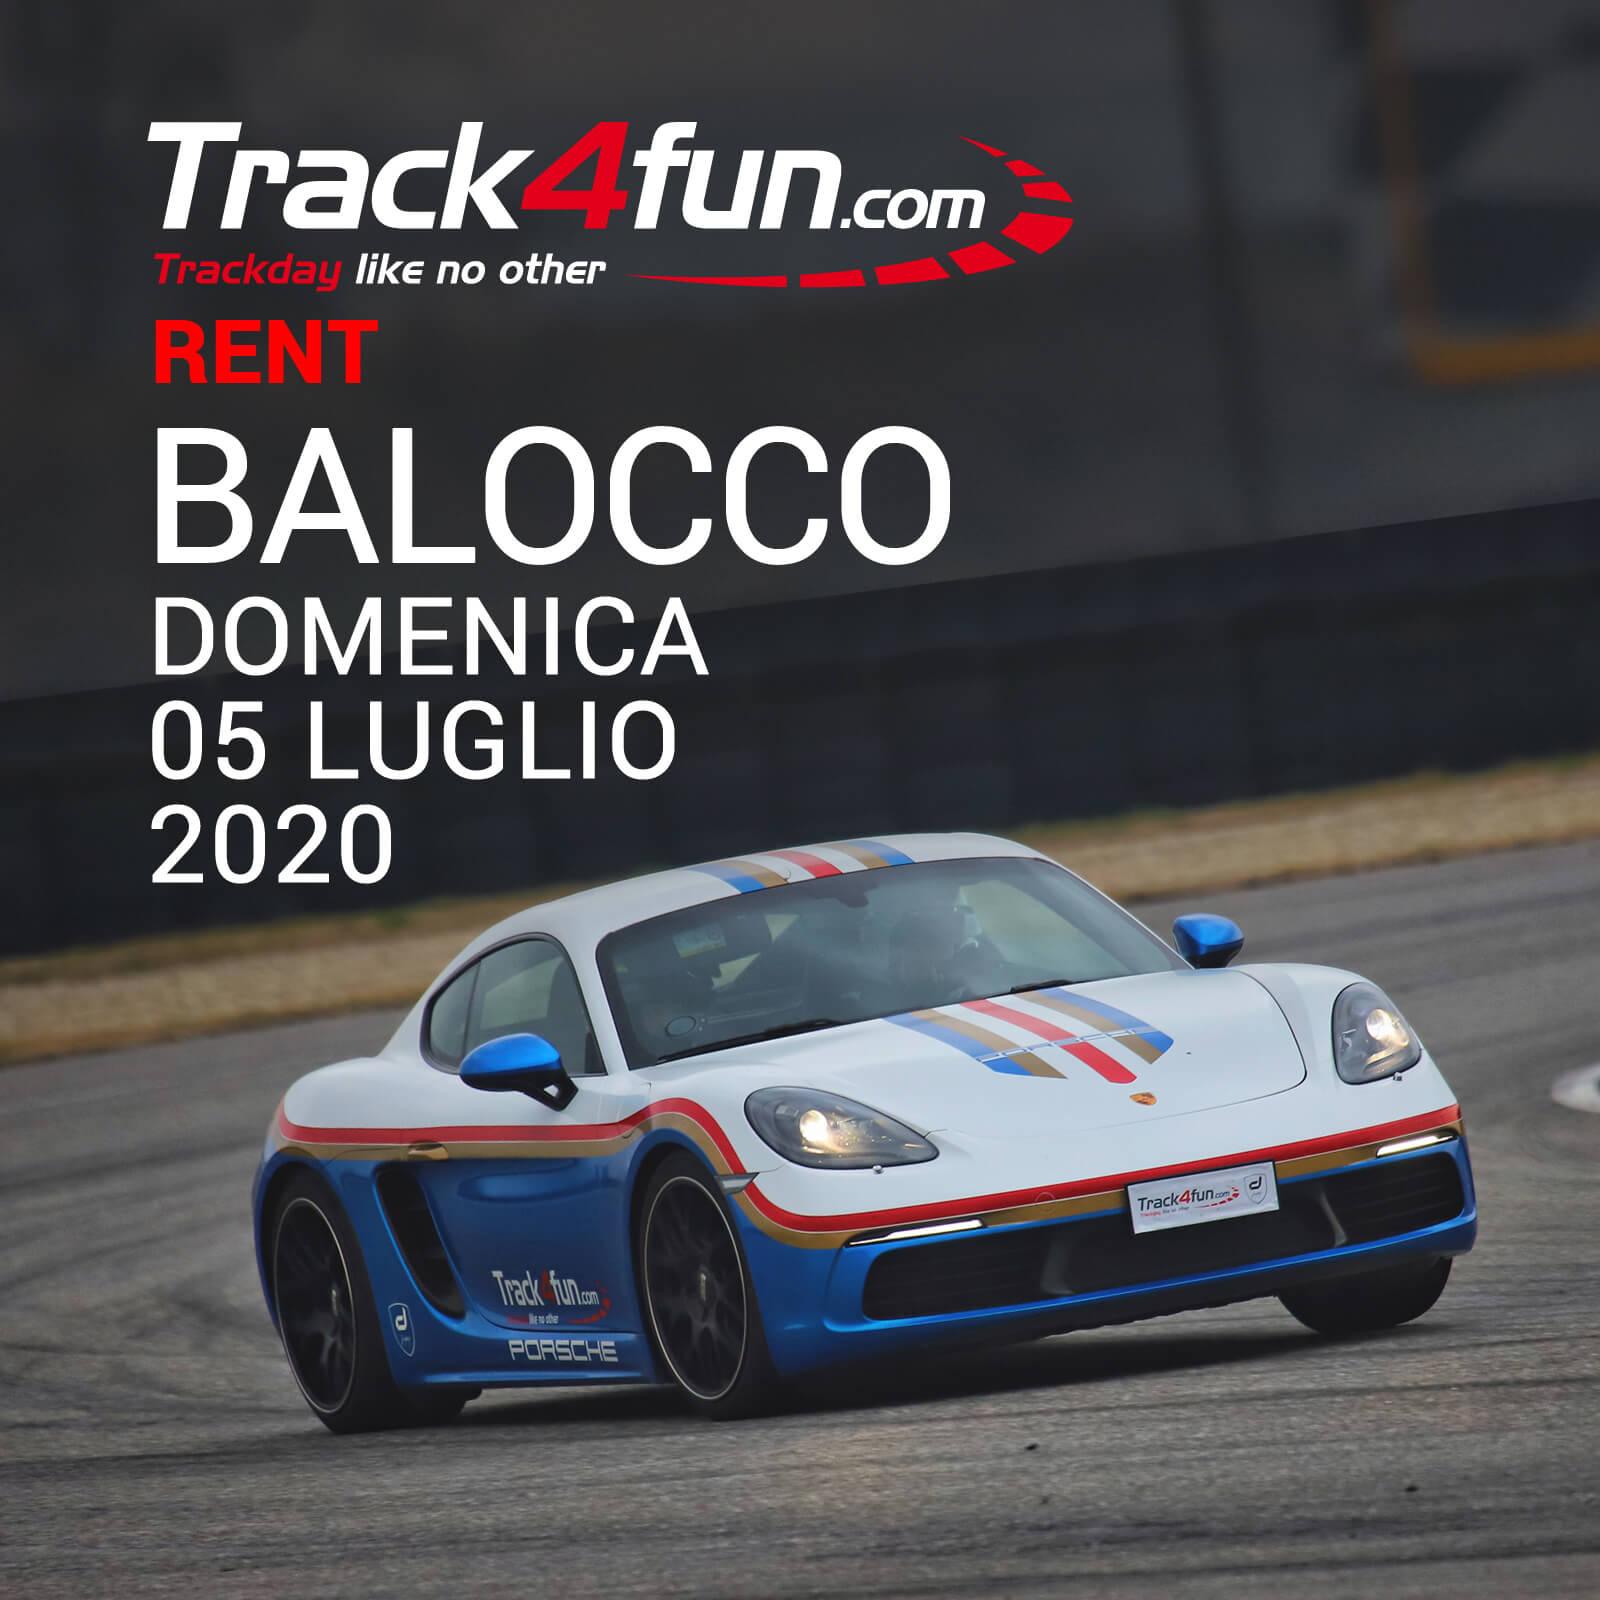 Track4fun Rent Balocco 05-07-2020